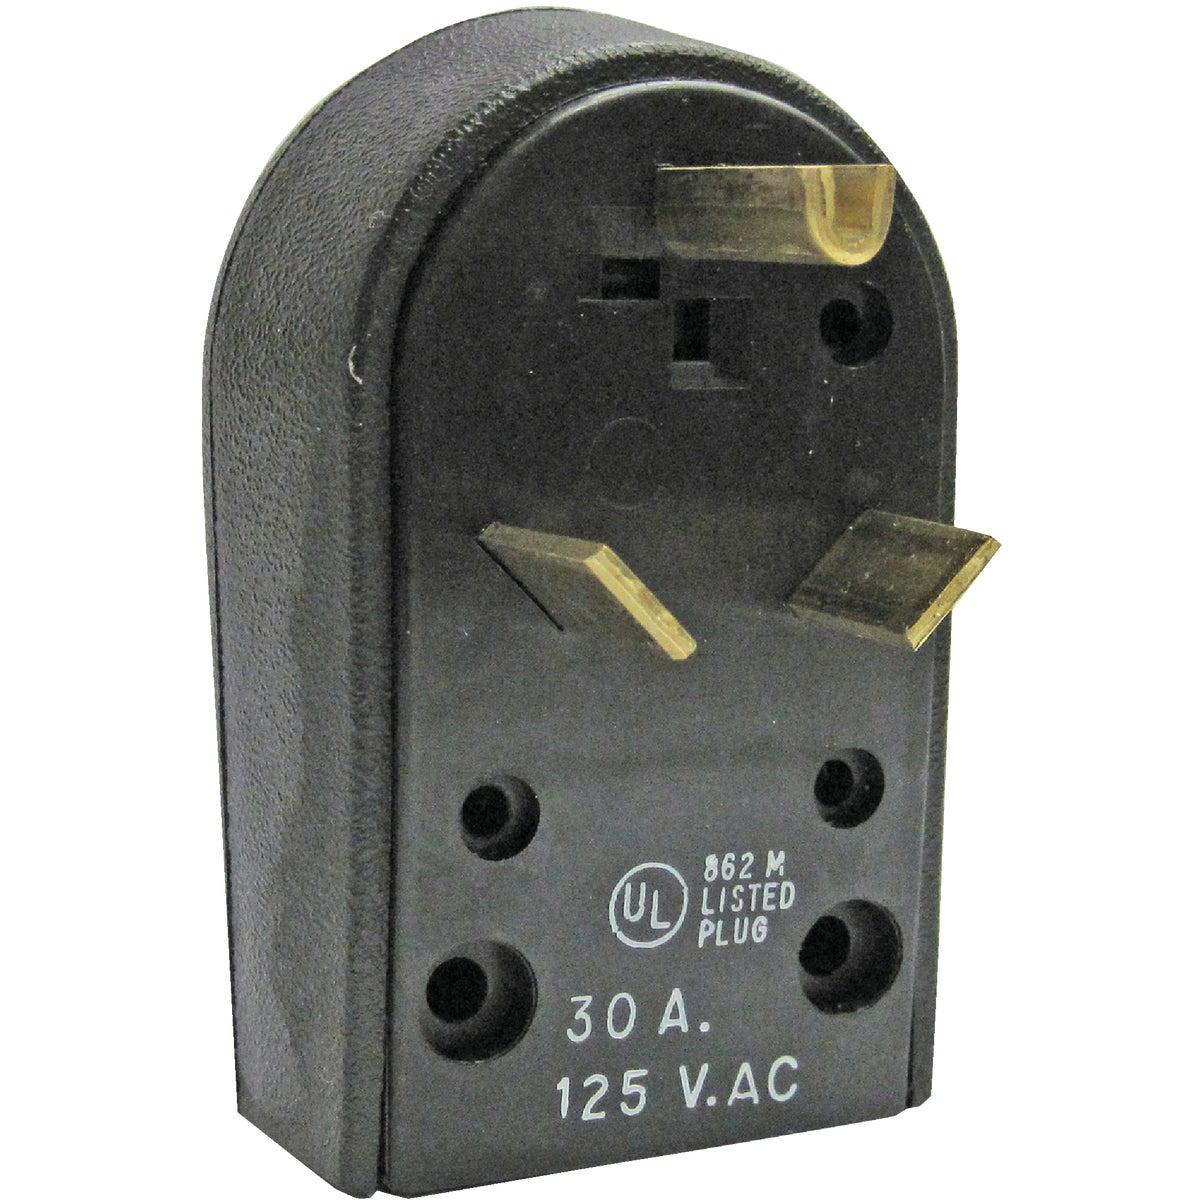 30A ANGLE PLUG - C32U by G E Industrial